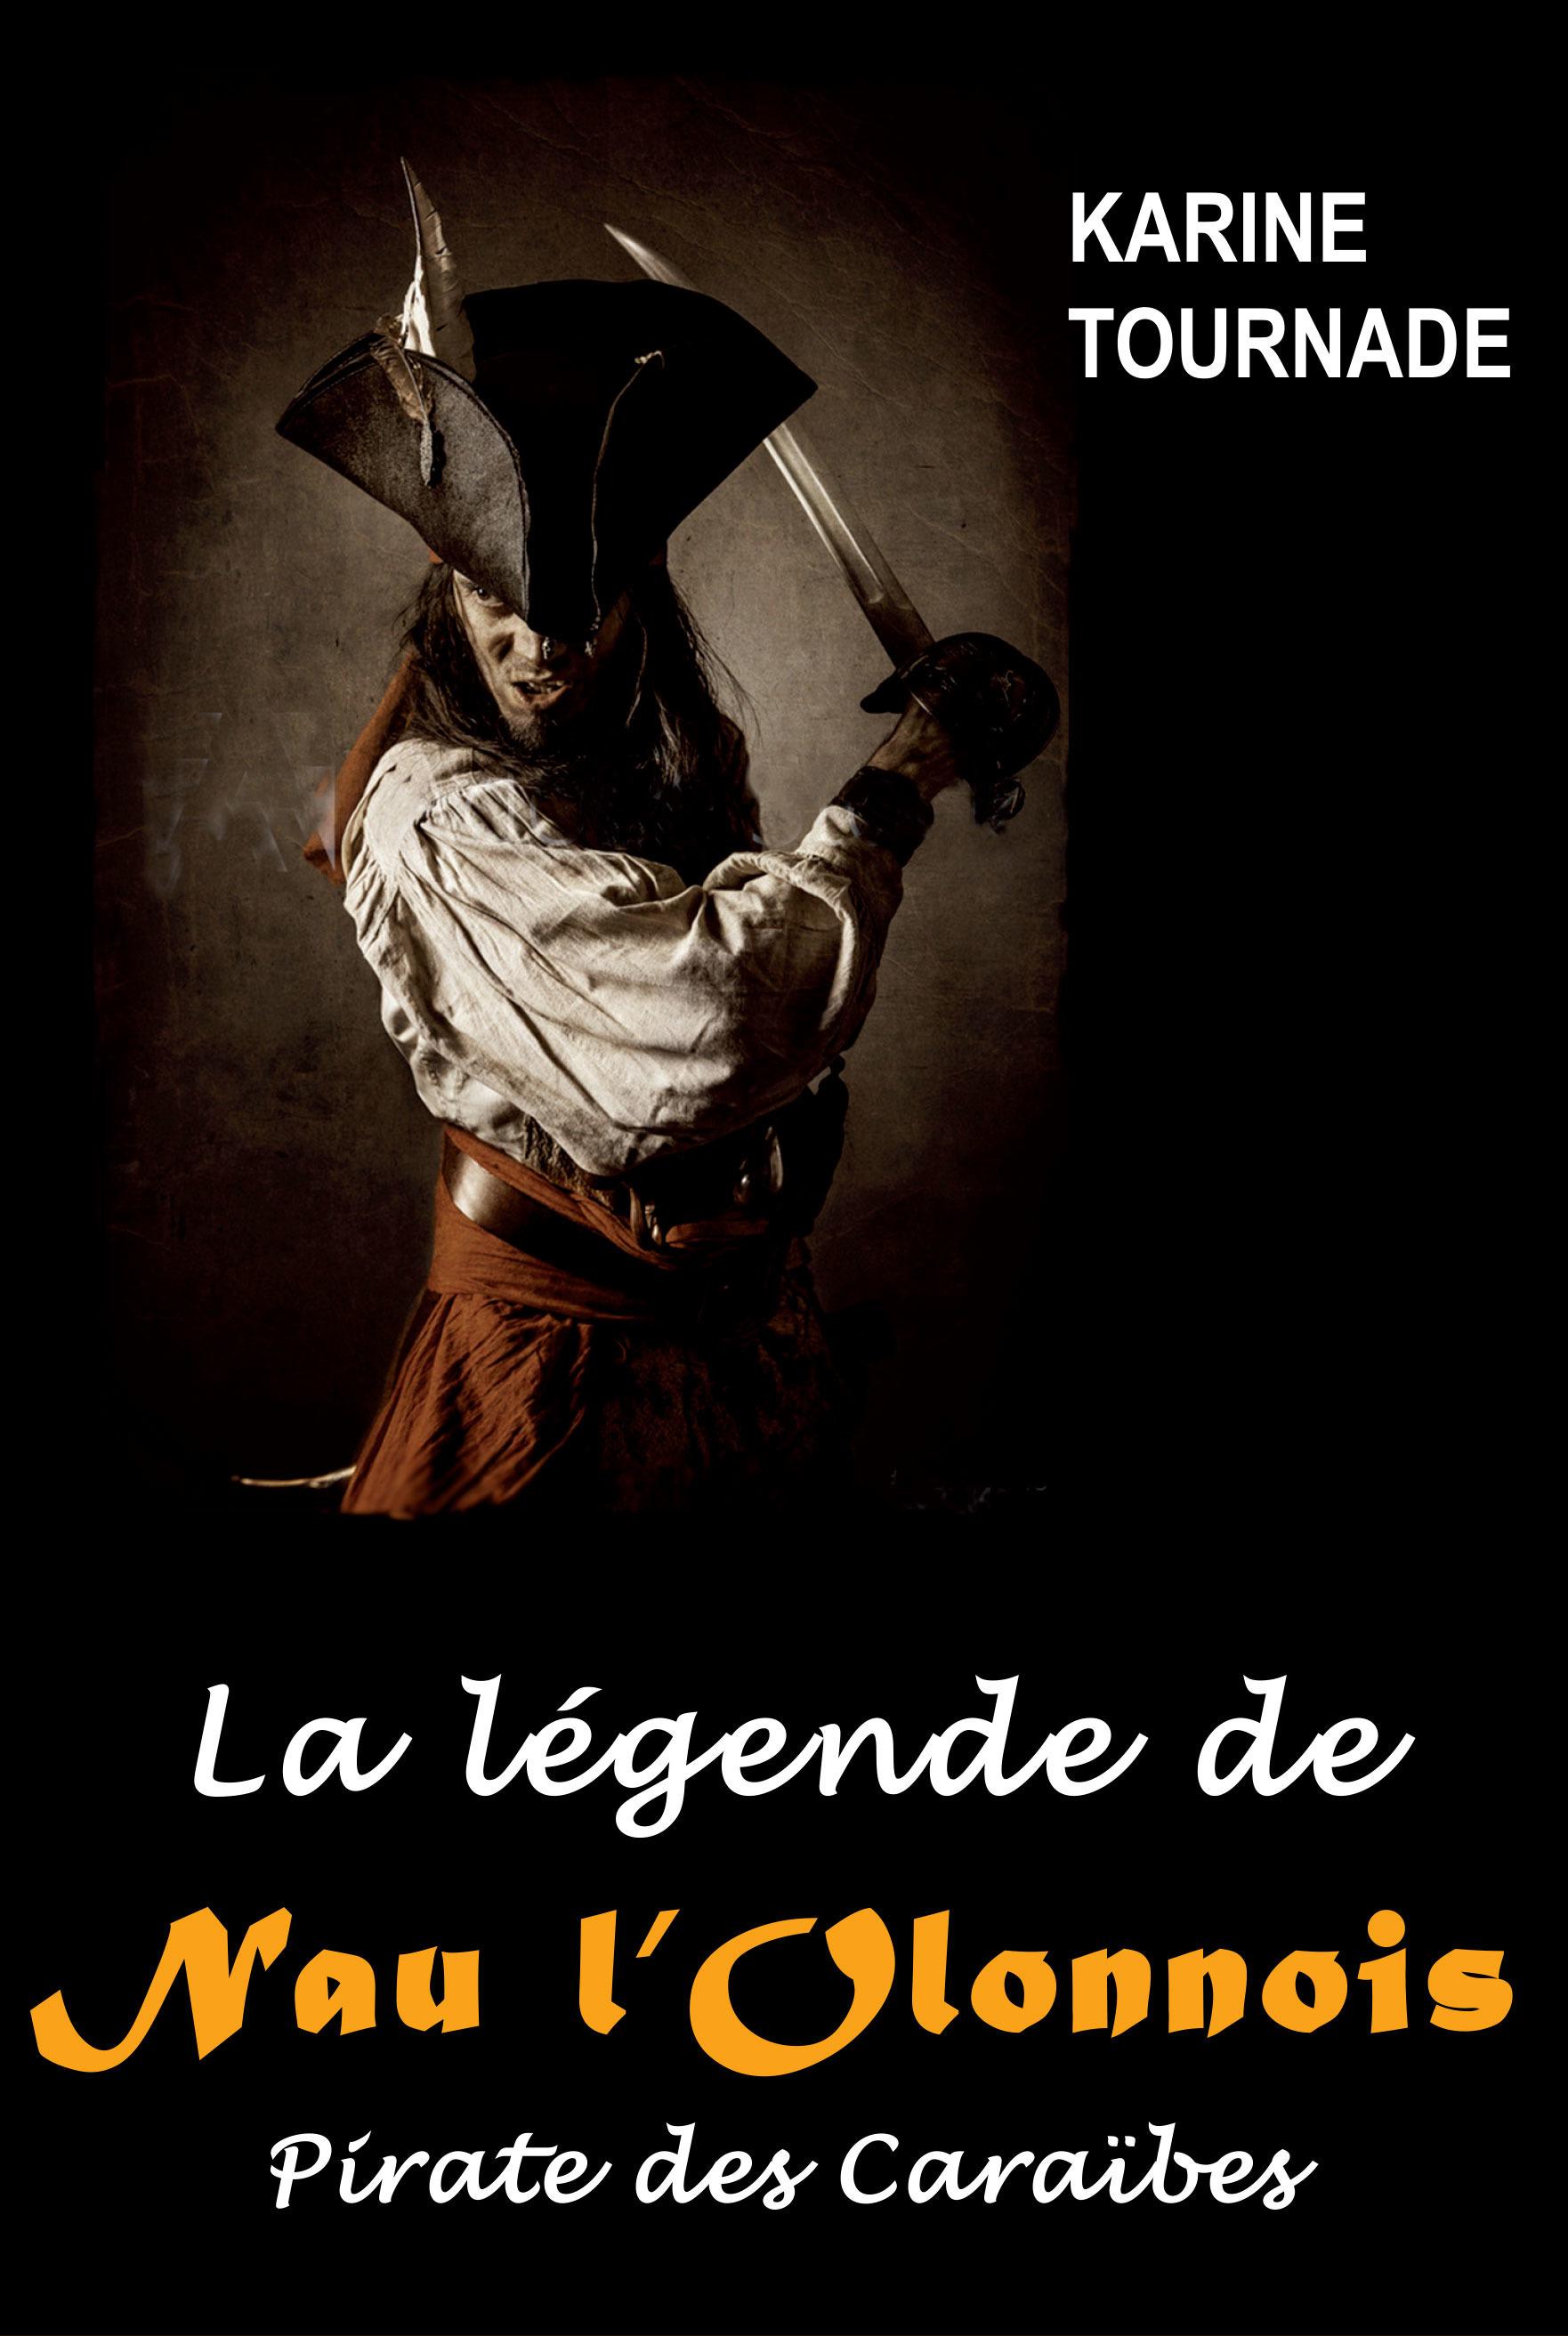 la légende de Nau l'Olonnois, pirate des Caraïbes